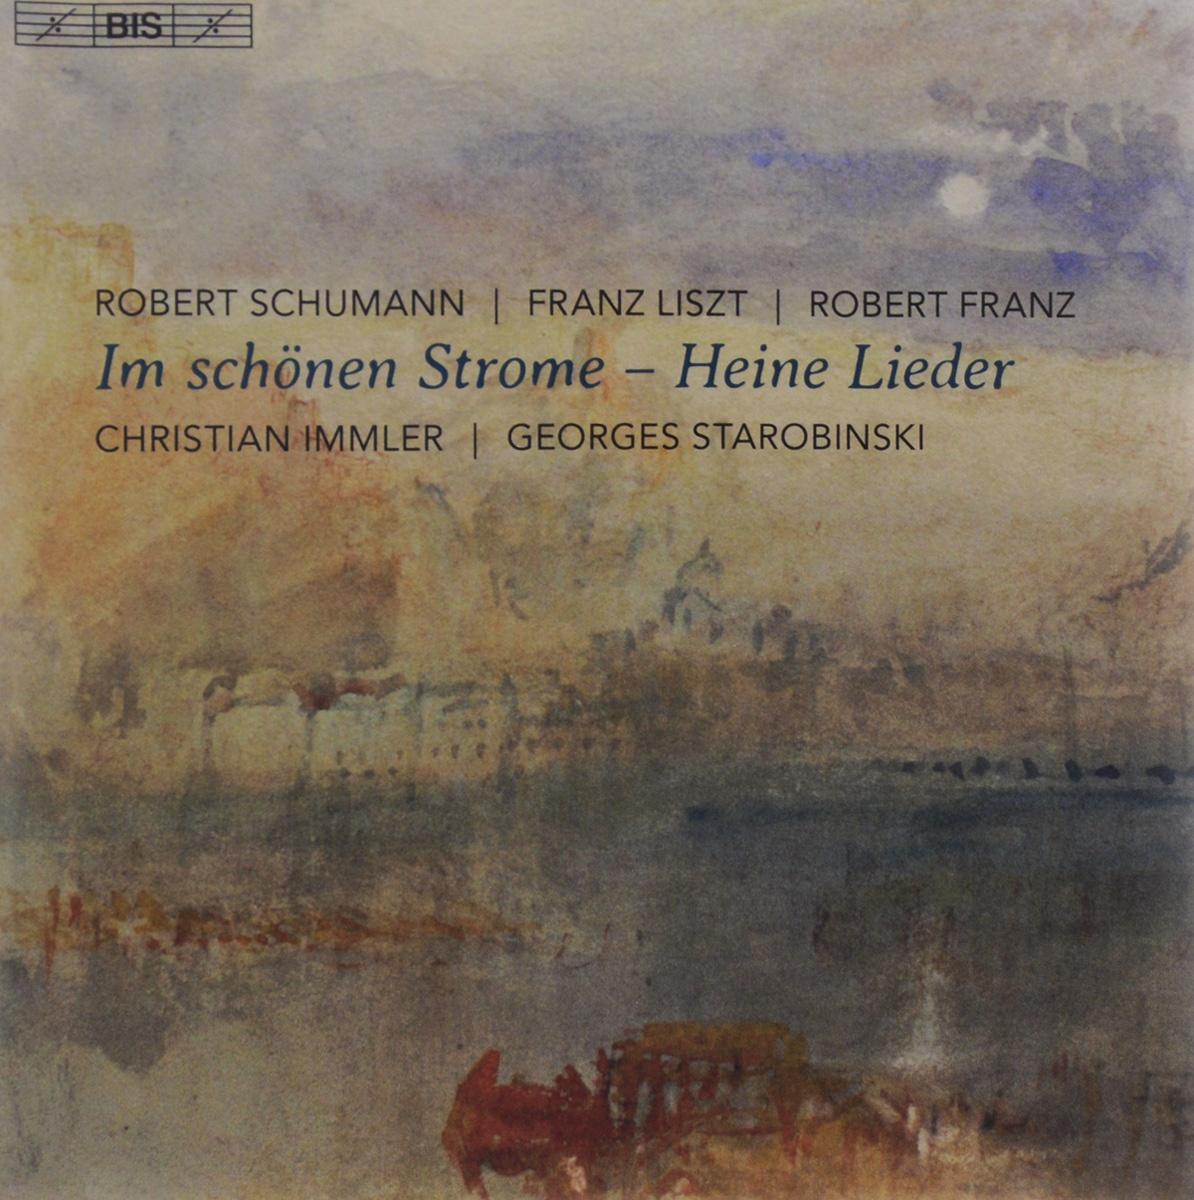 Кристиан Иммлер,Georges Starobinski Christian Immler, Georges Starobinski. Im Schonen Strome - Heine Lieder (SACD) цена